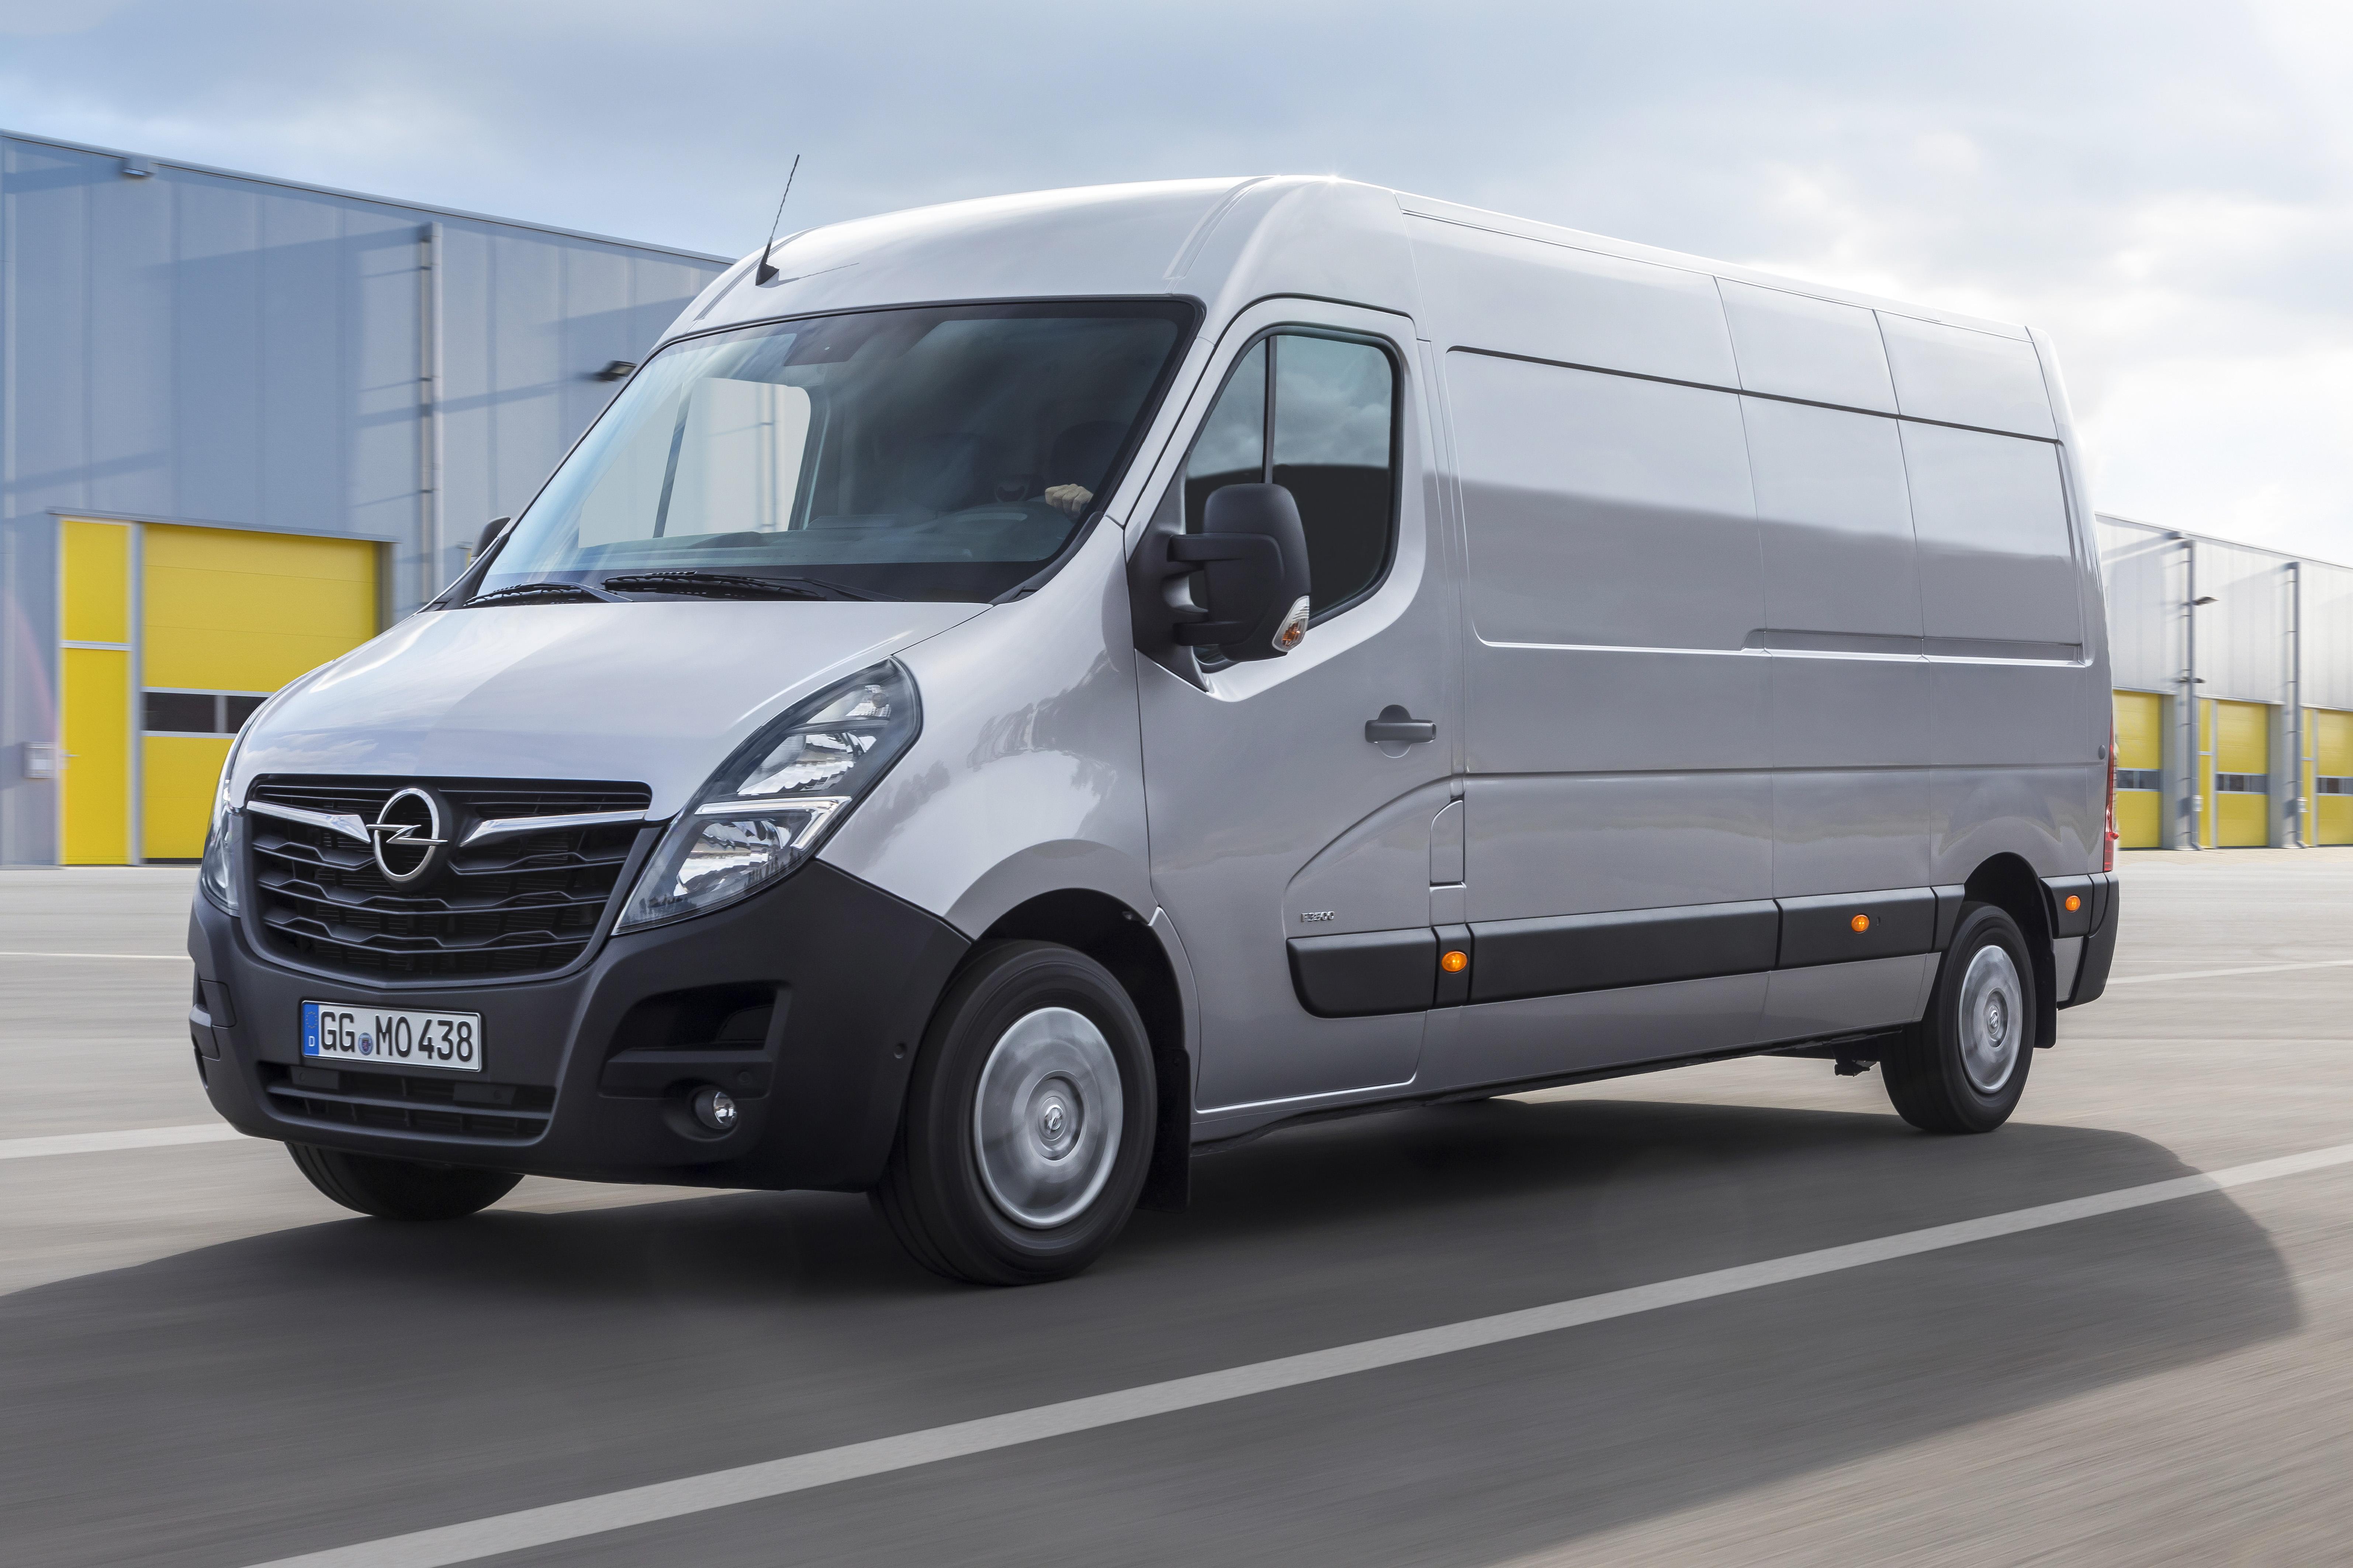 Opel Arriva Il Movano Elettrico E Crescera Tutta La Gamma A Zero Emissioni